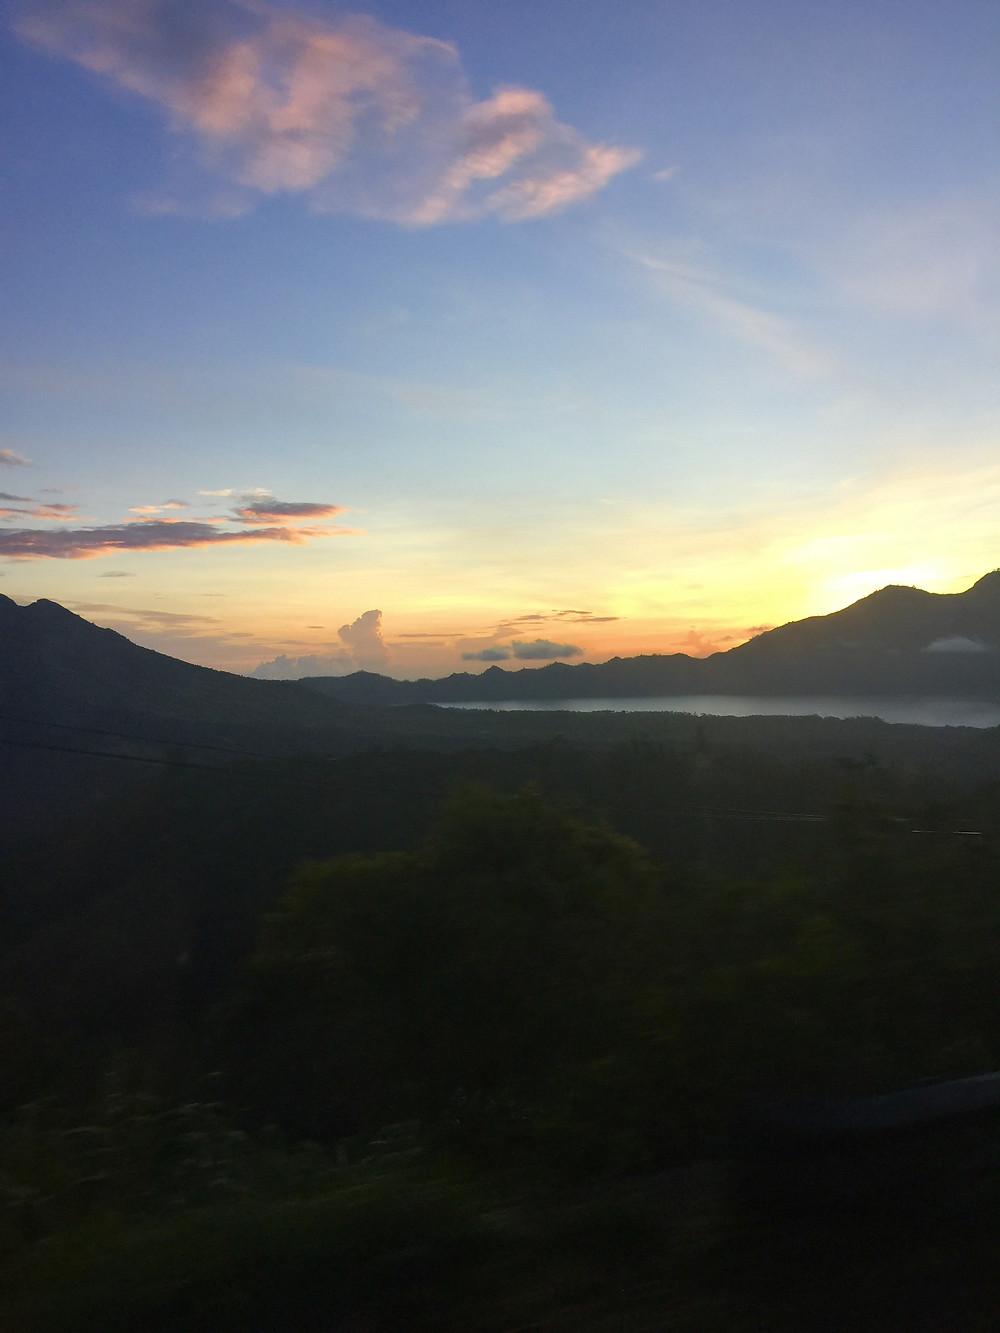 Sunrise at mt Batur.